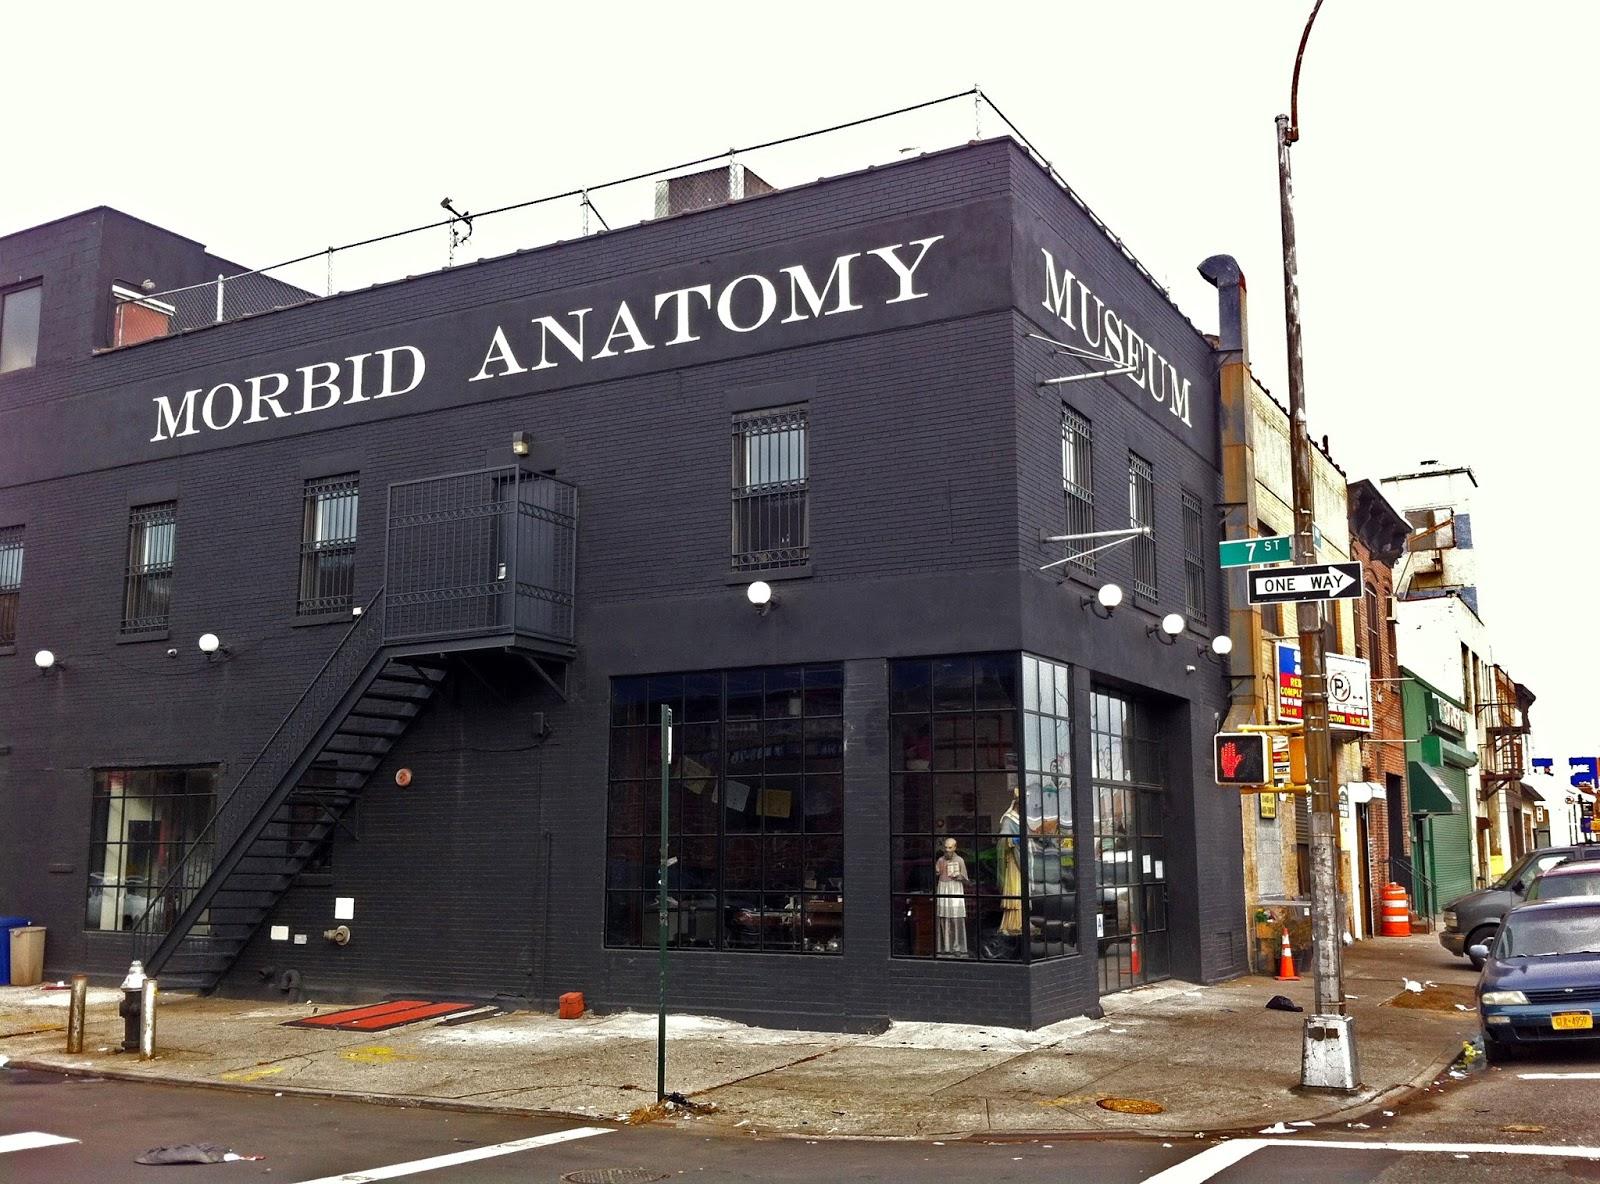 Morbid Anatomy: RIP MORBID ANATOMY MUSEUM